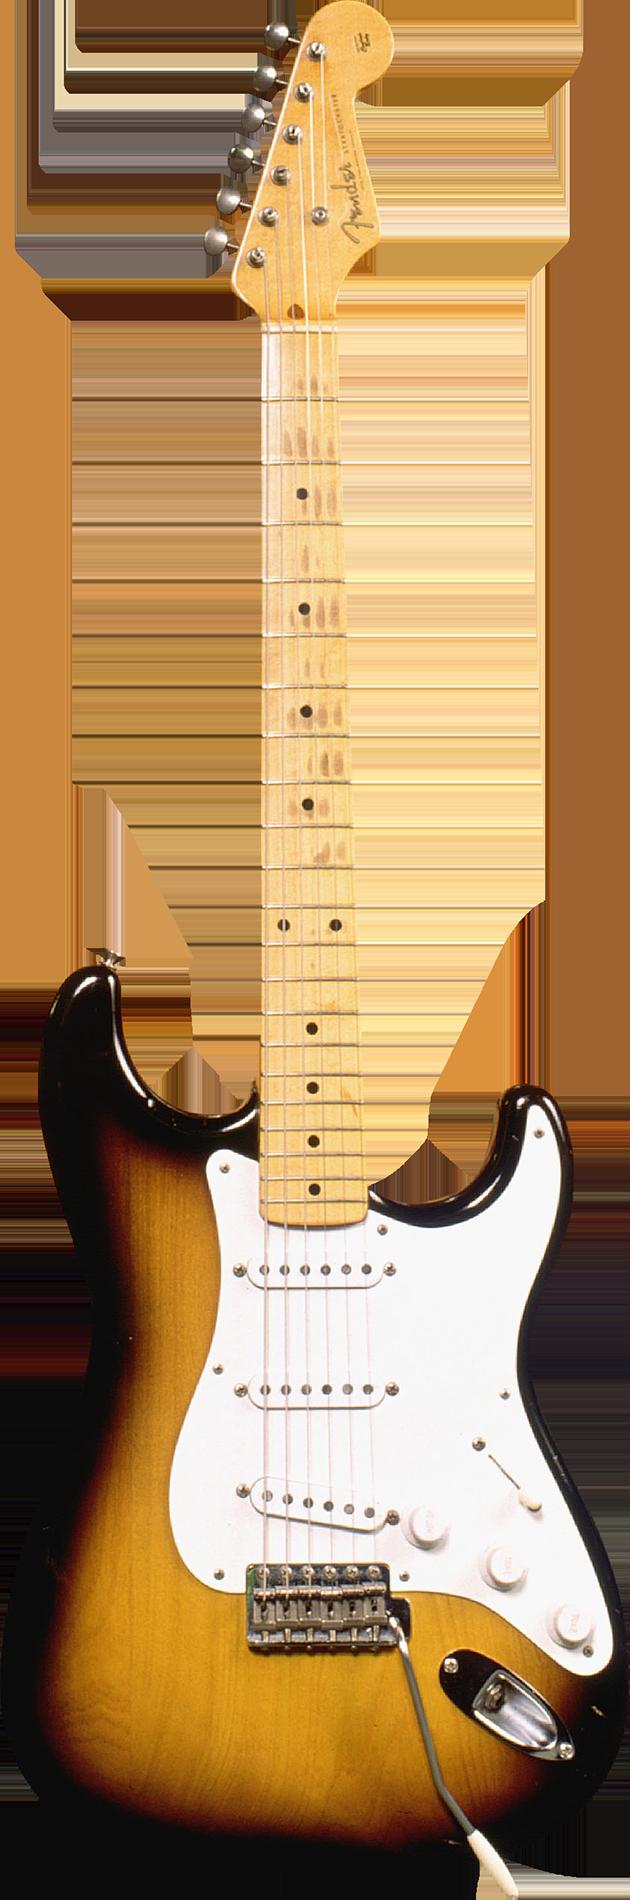 Finder Guitar